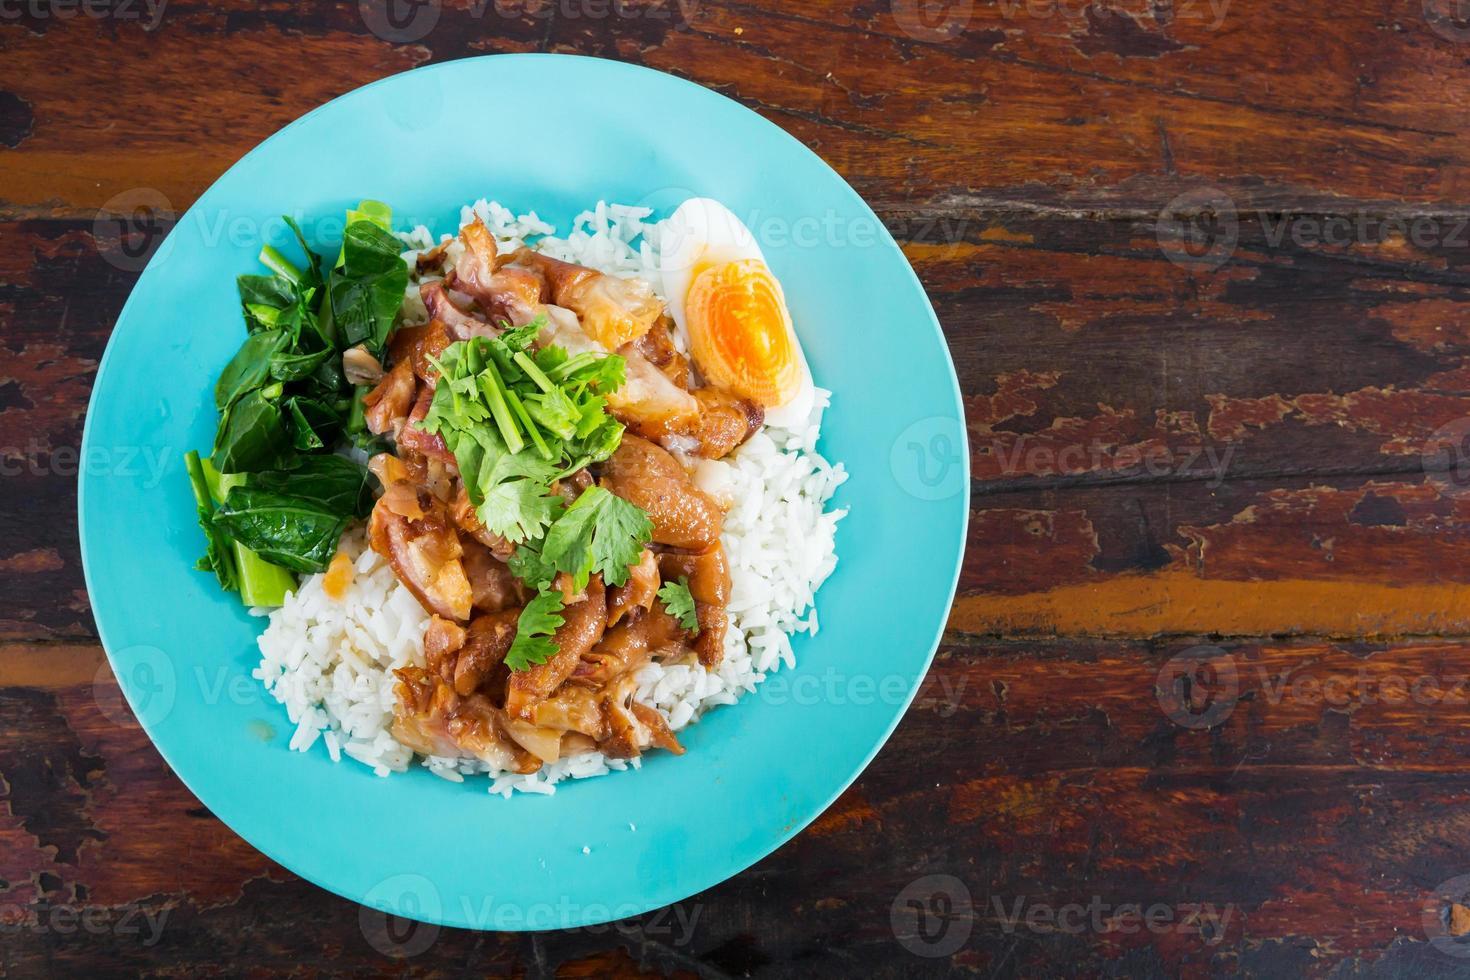 cuisse de porc thaï à l'étouffée avec du riz photo